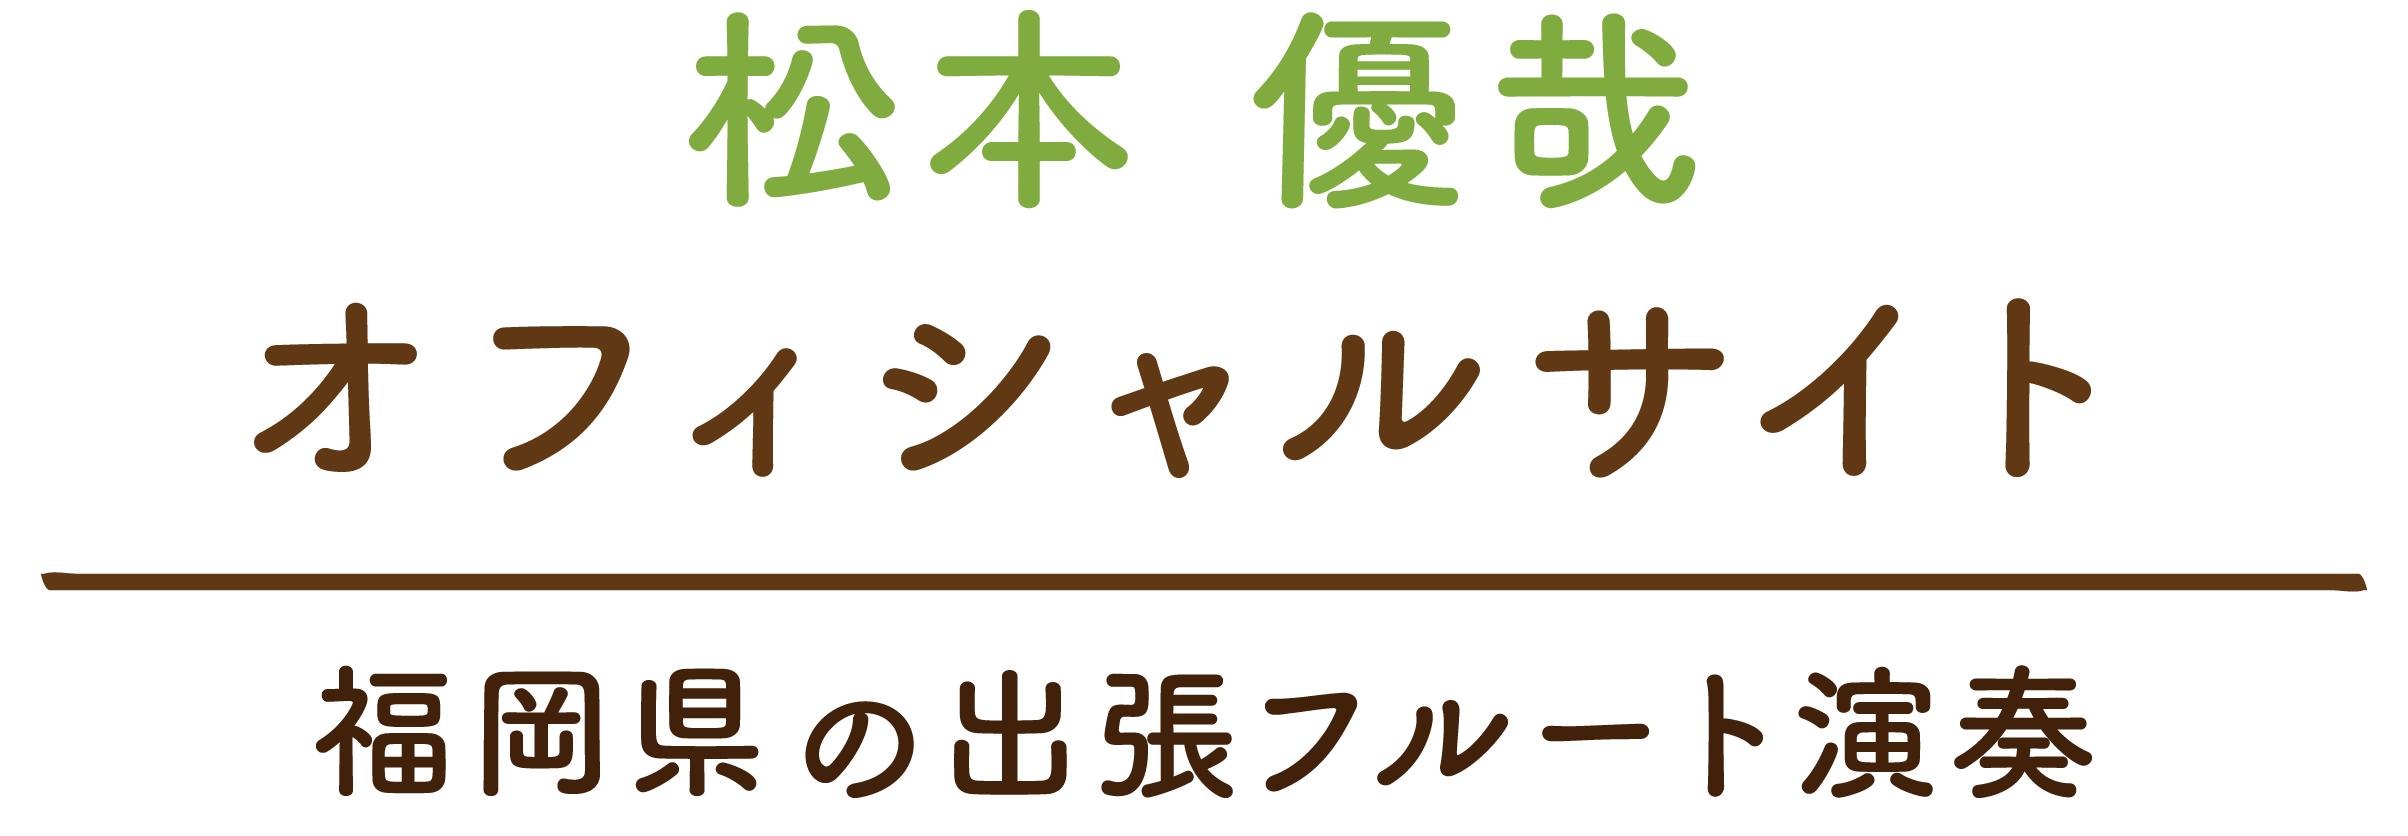 福岡県北九州市を拠点にしておりますが、ご依頼がございましたら他県でも出張演奏が可能です。